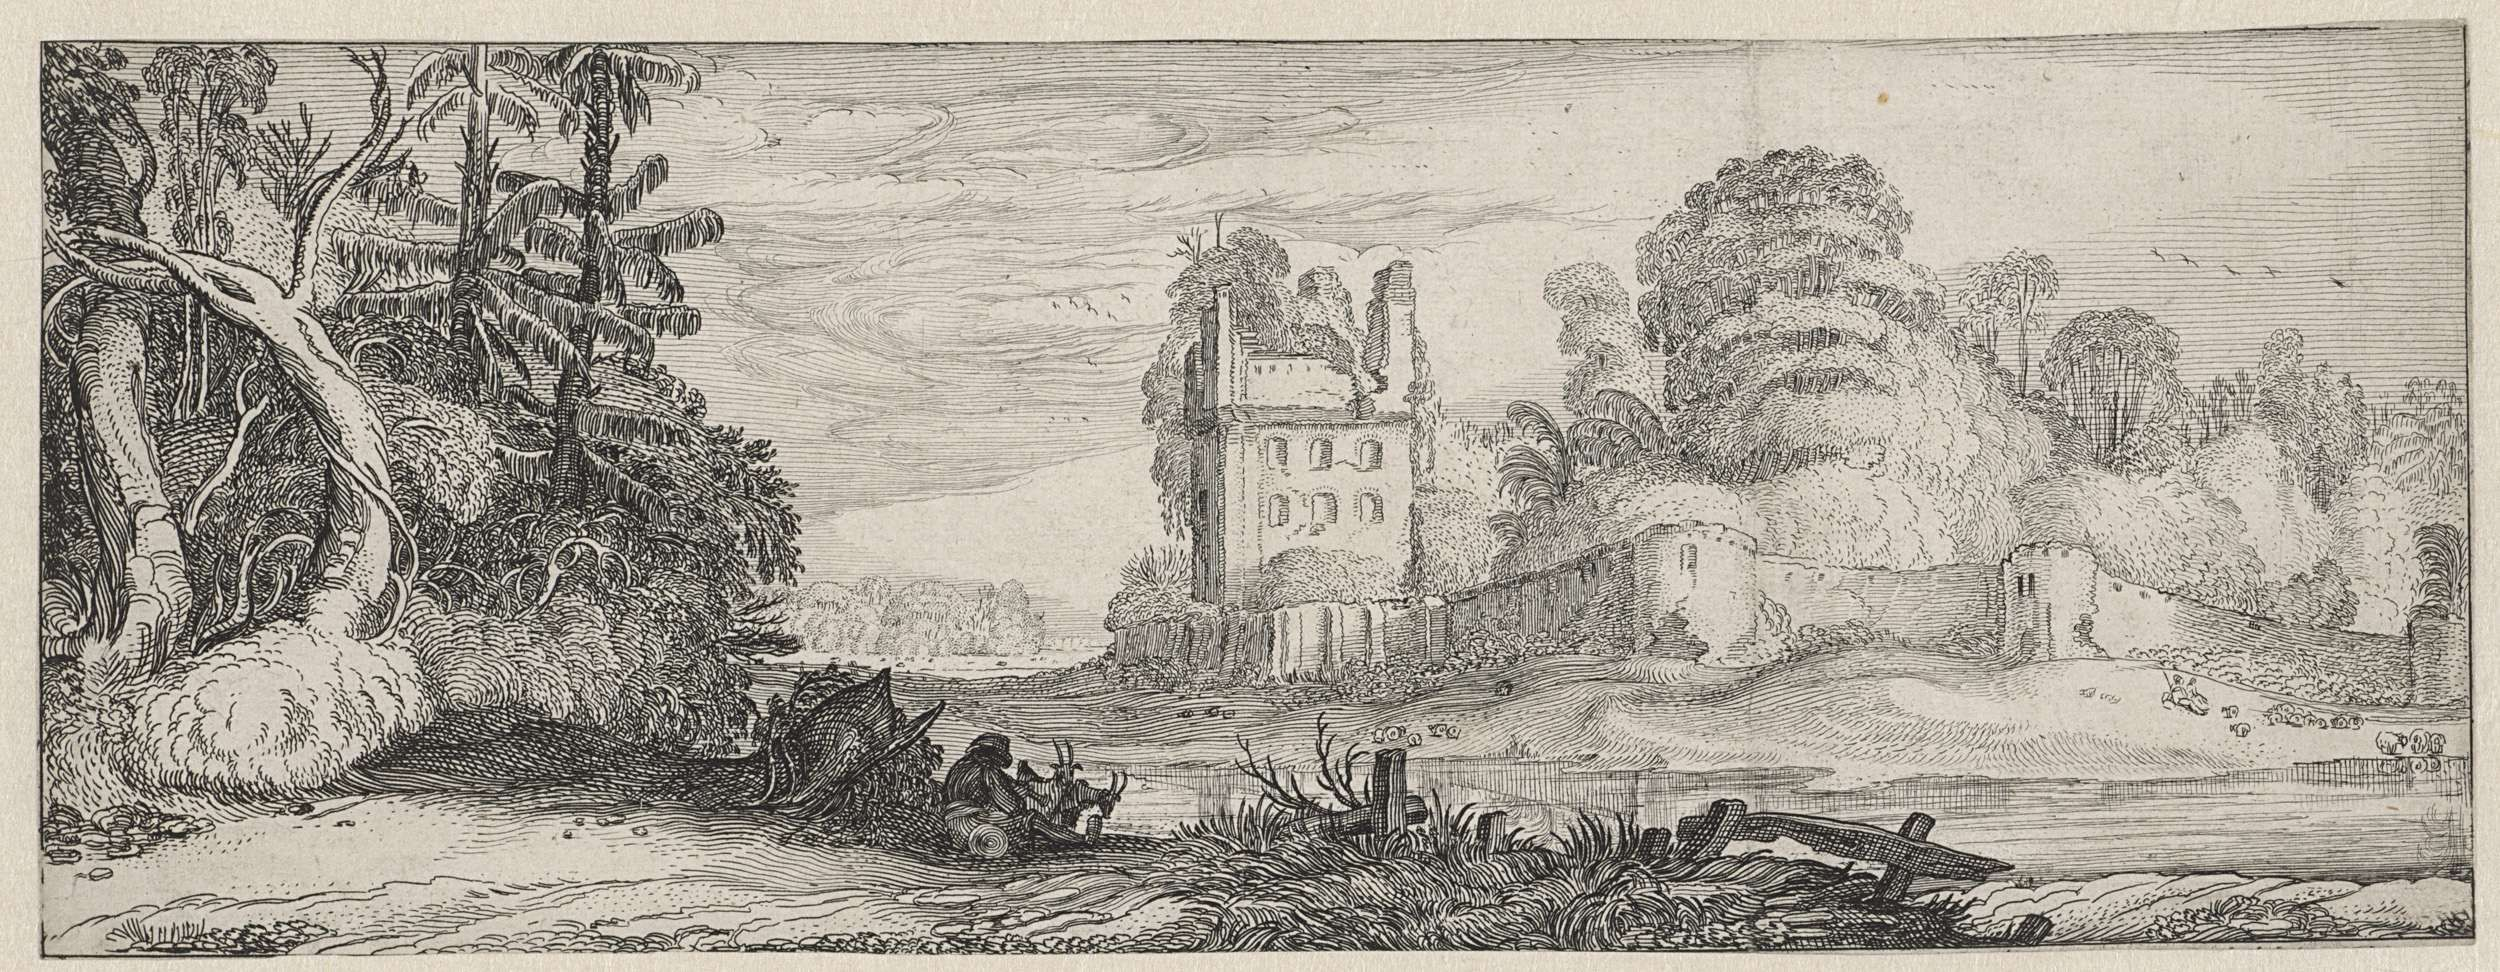 Jan van de Velde (II) | Gezicht op een ruïne van een huis bij een muur, Jan van de Velde (II), 1615 | Gezicht op een ruïne van een huis bij een muur. Op de voorgrond een zittende fluit spelende herder. Zestiende prent uit een serie van achttien.